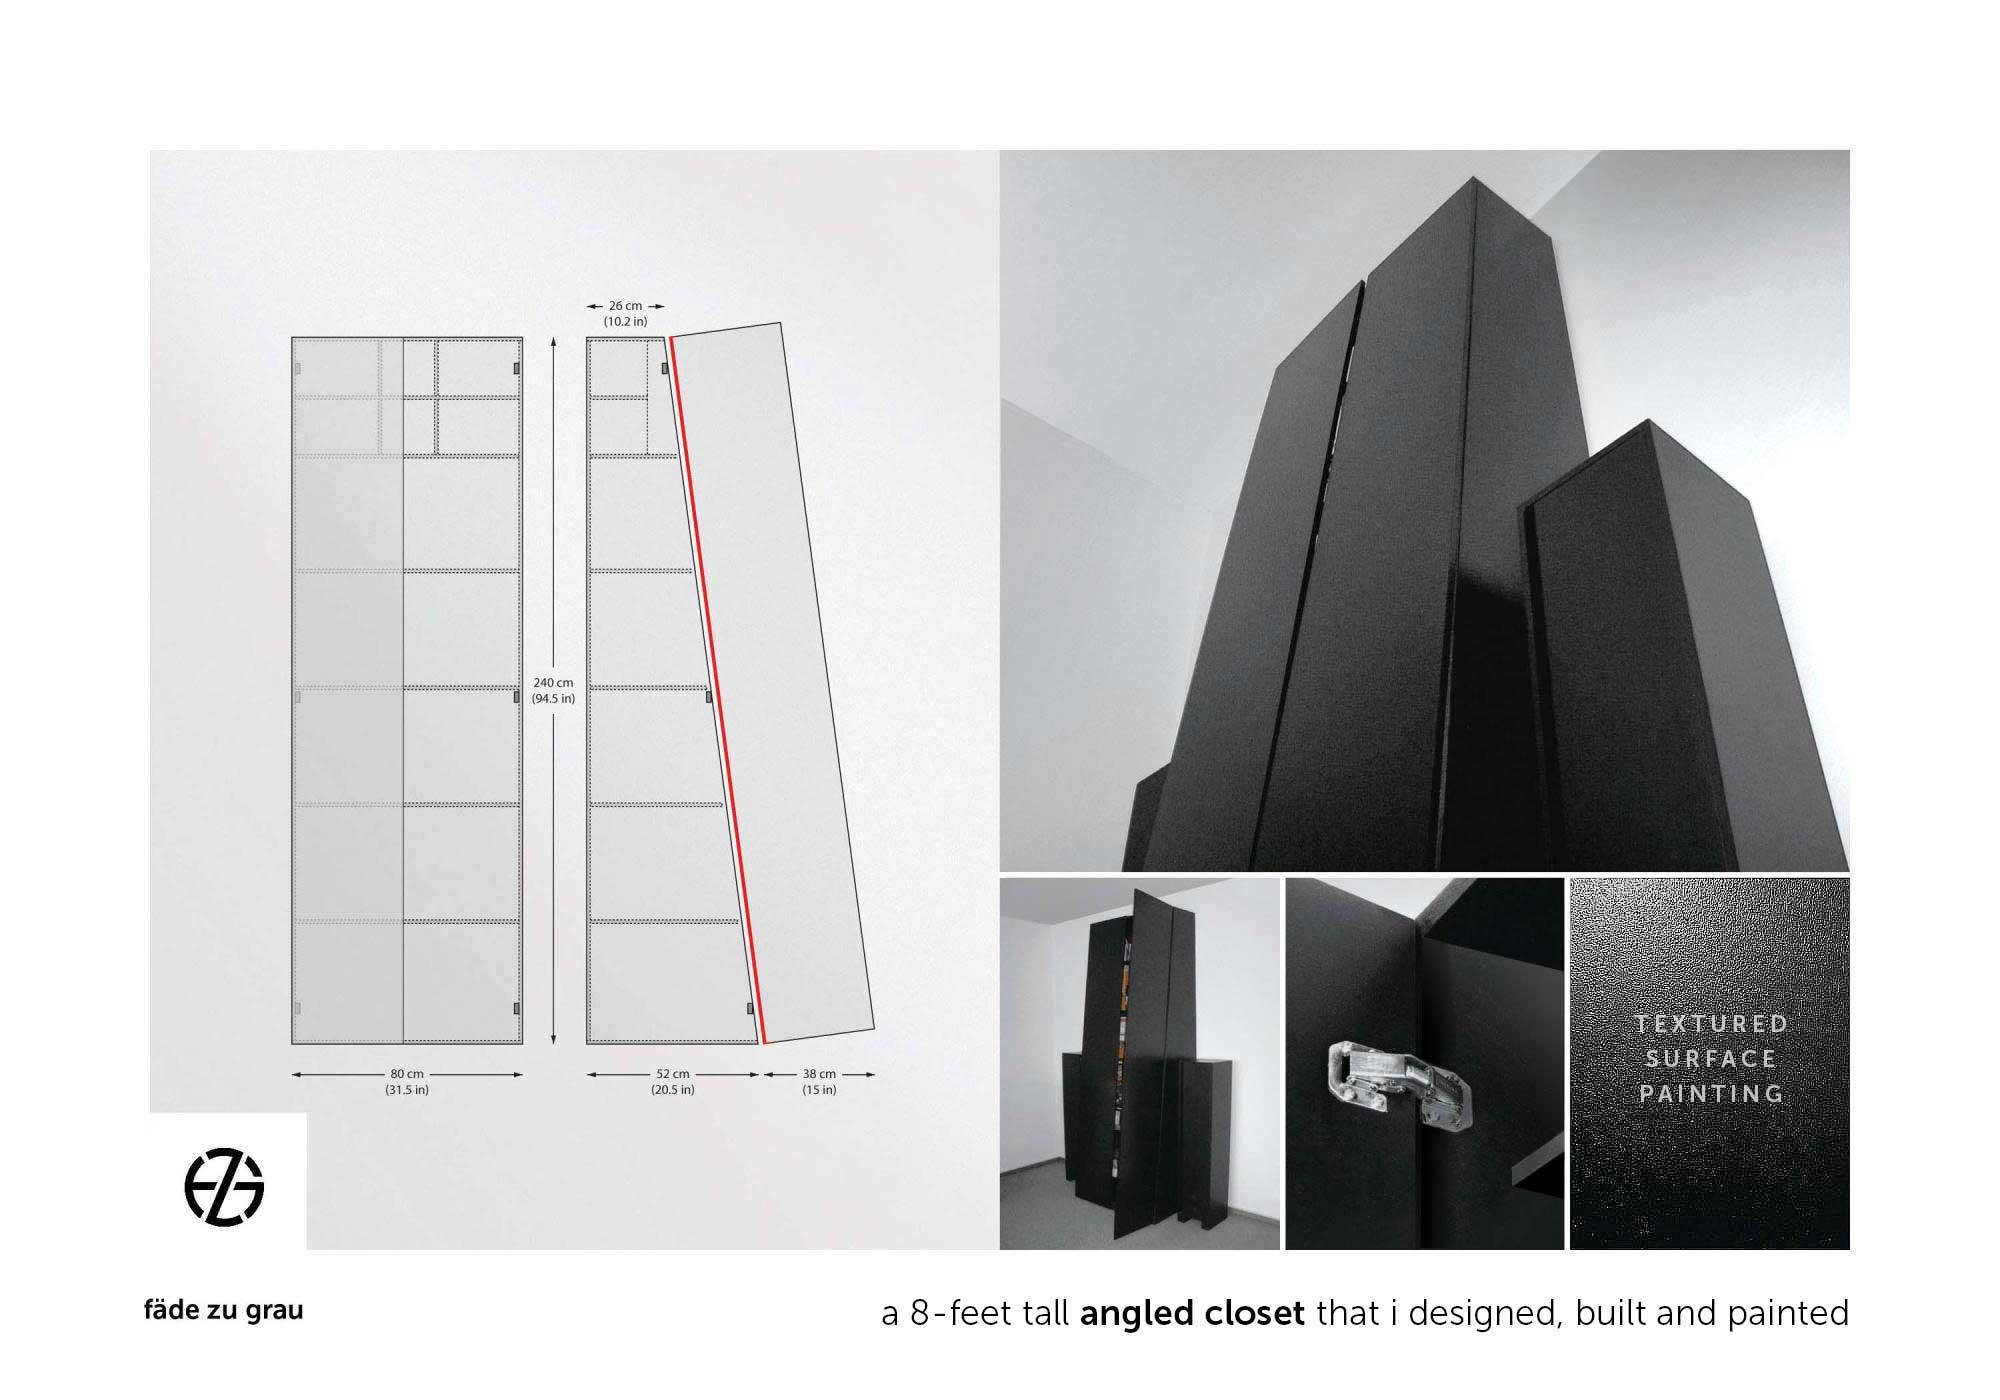 black closet designed and built by artist fade zu grau